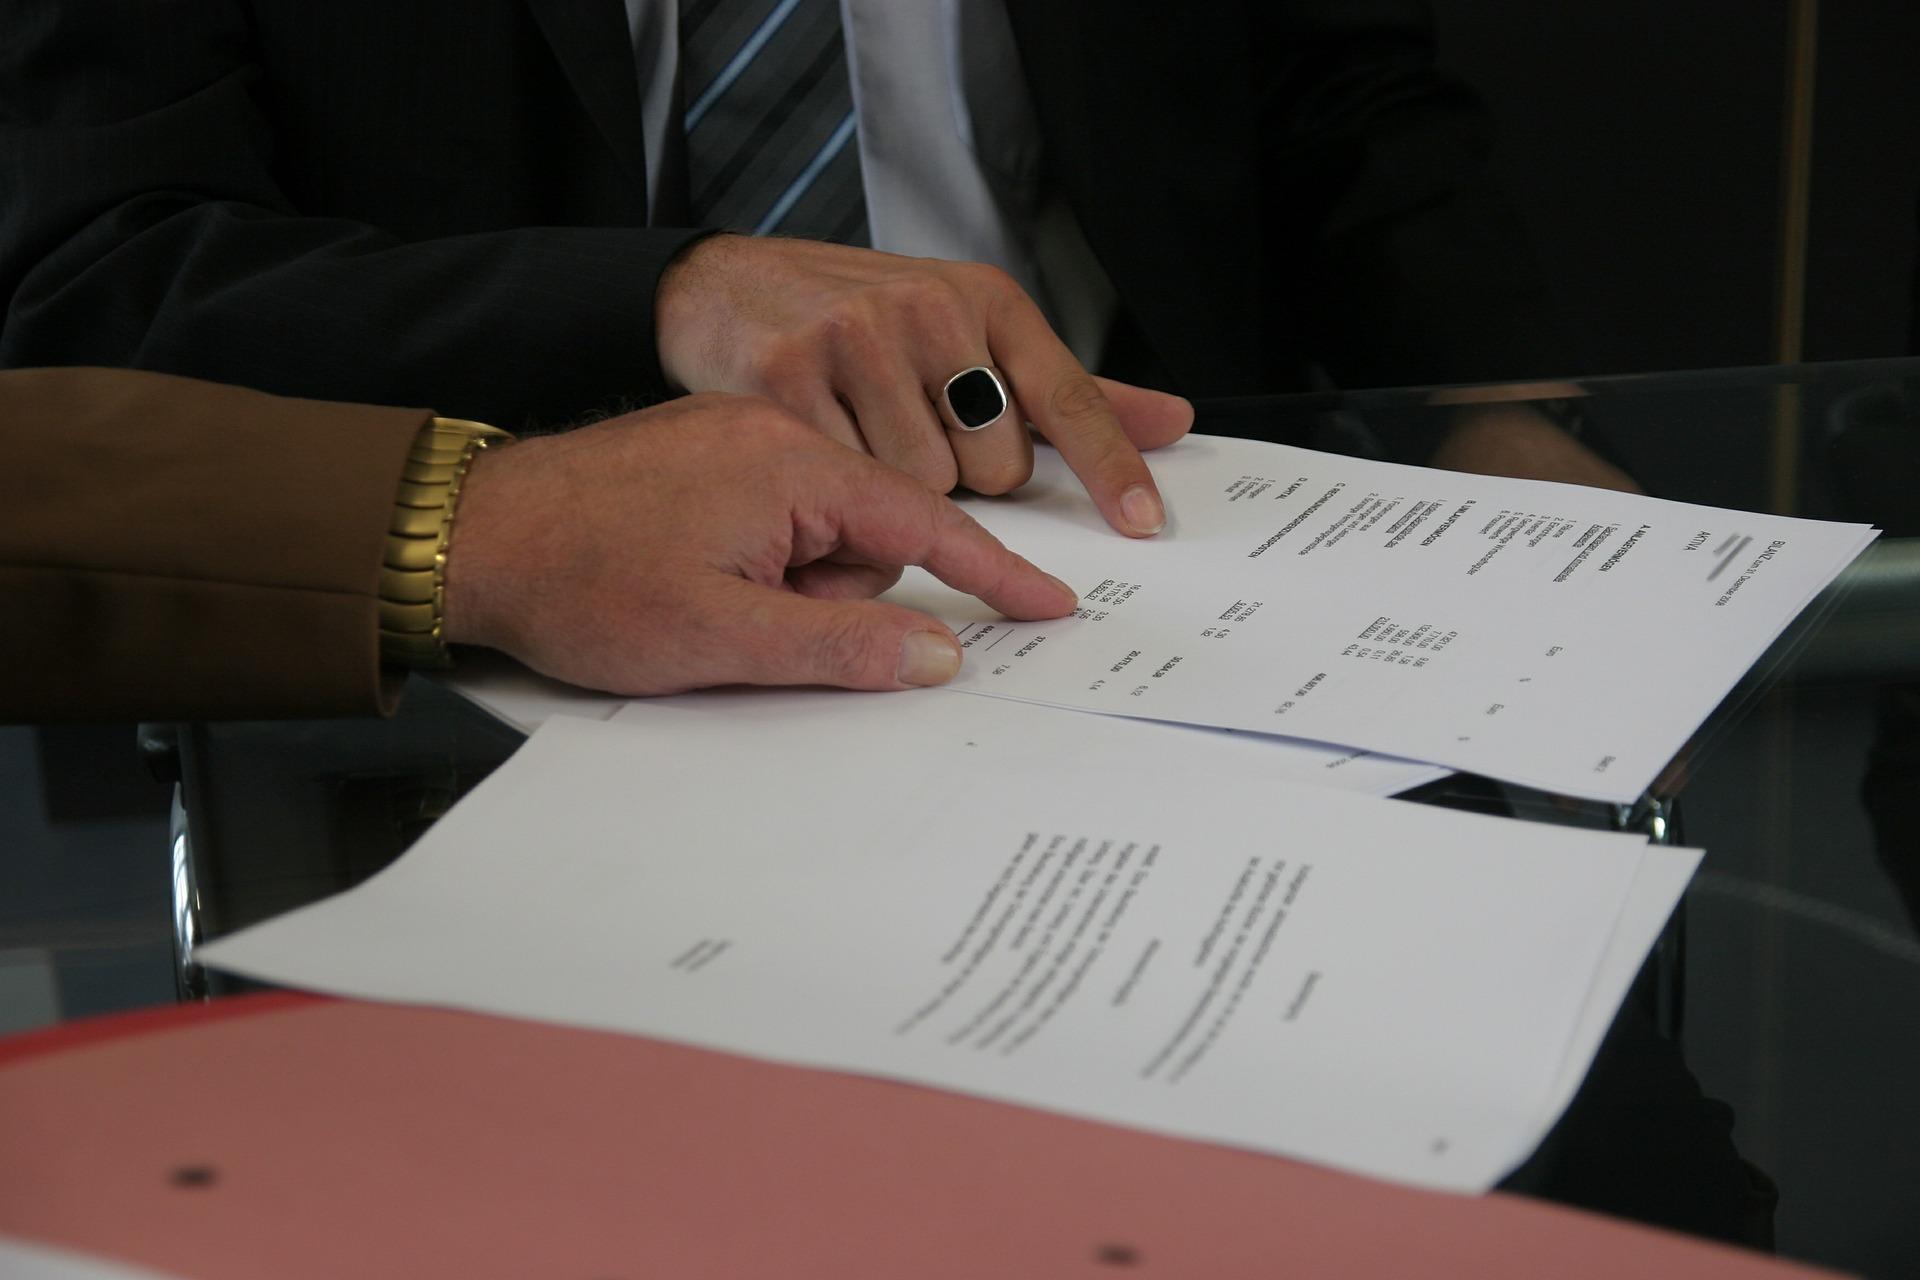 Gli sgravi fiscali per chi usufruisce della legge 104